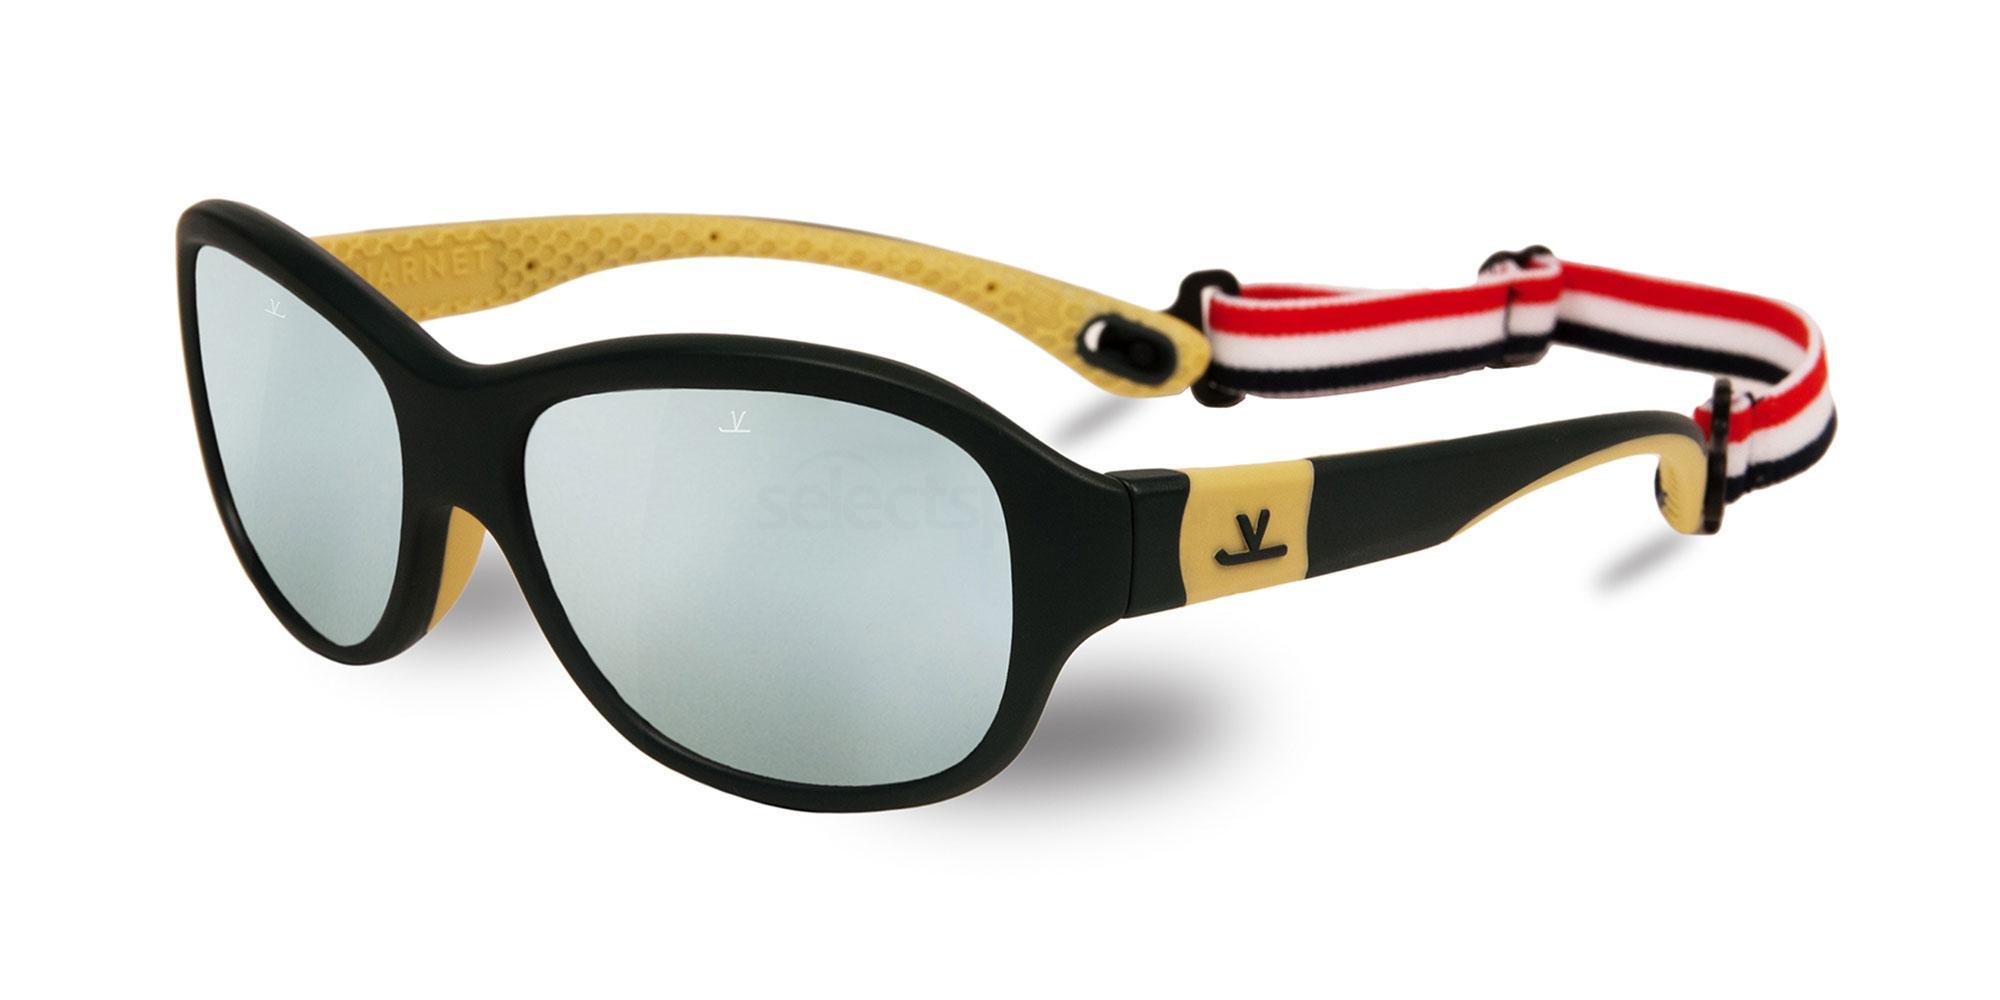 VL170200011223 VL1702 (3-6 yesrs) Sunglasses, Vuarnet KIDS